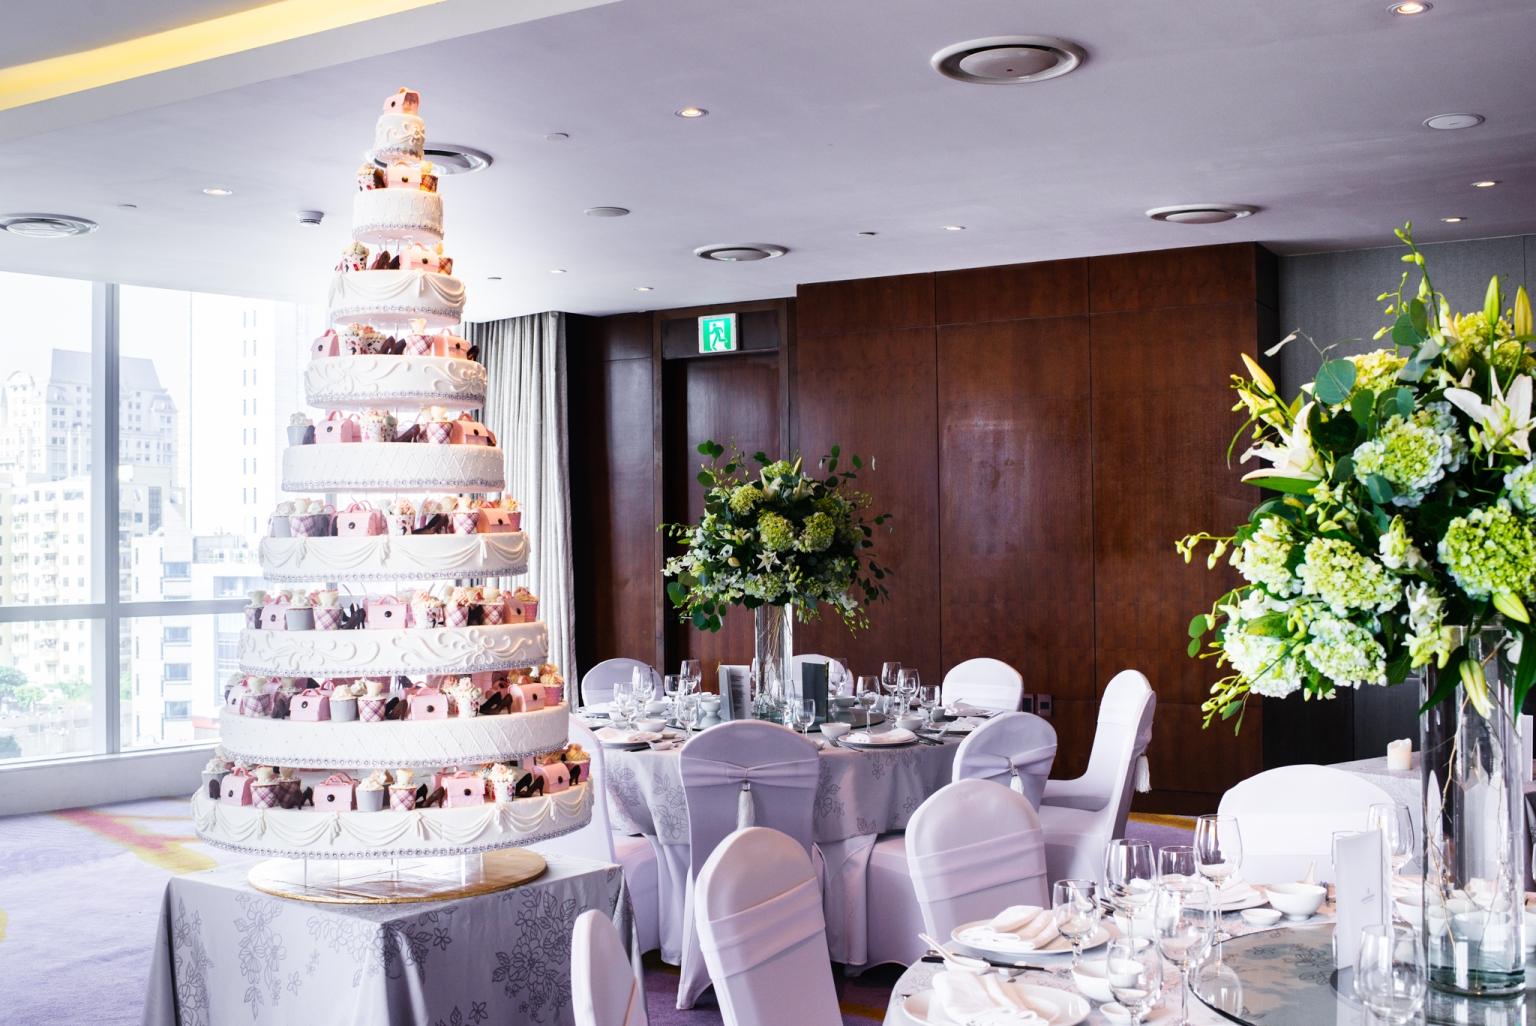 gorgeous wedding cake at luxury hanoi hotel